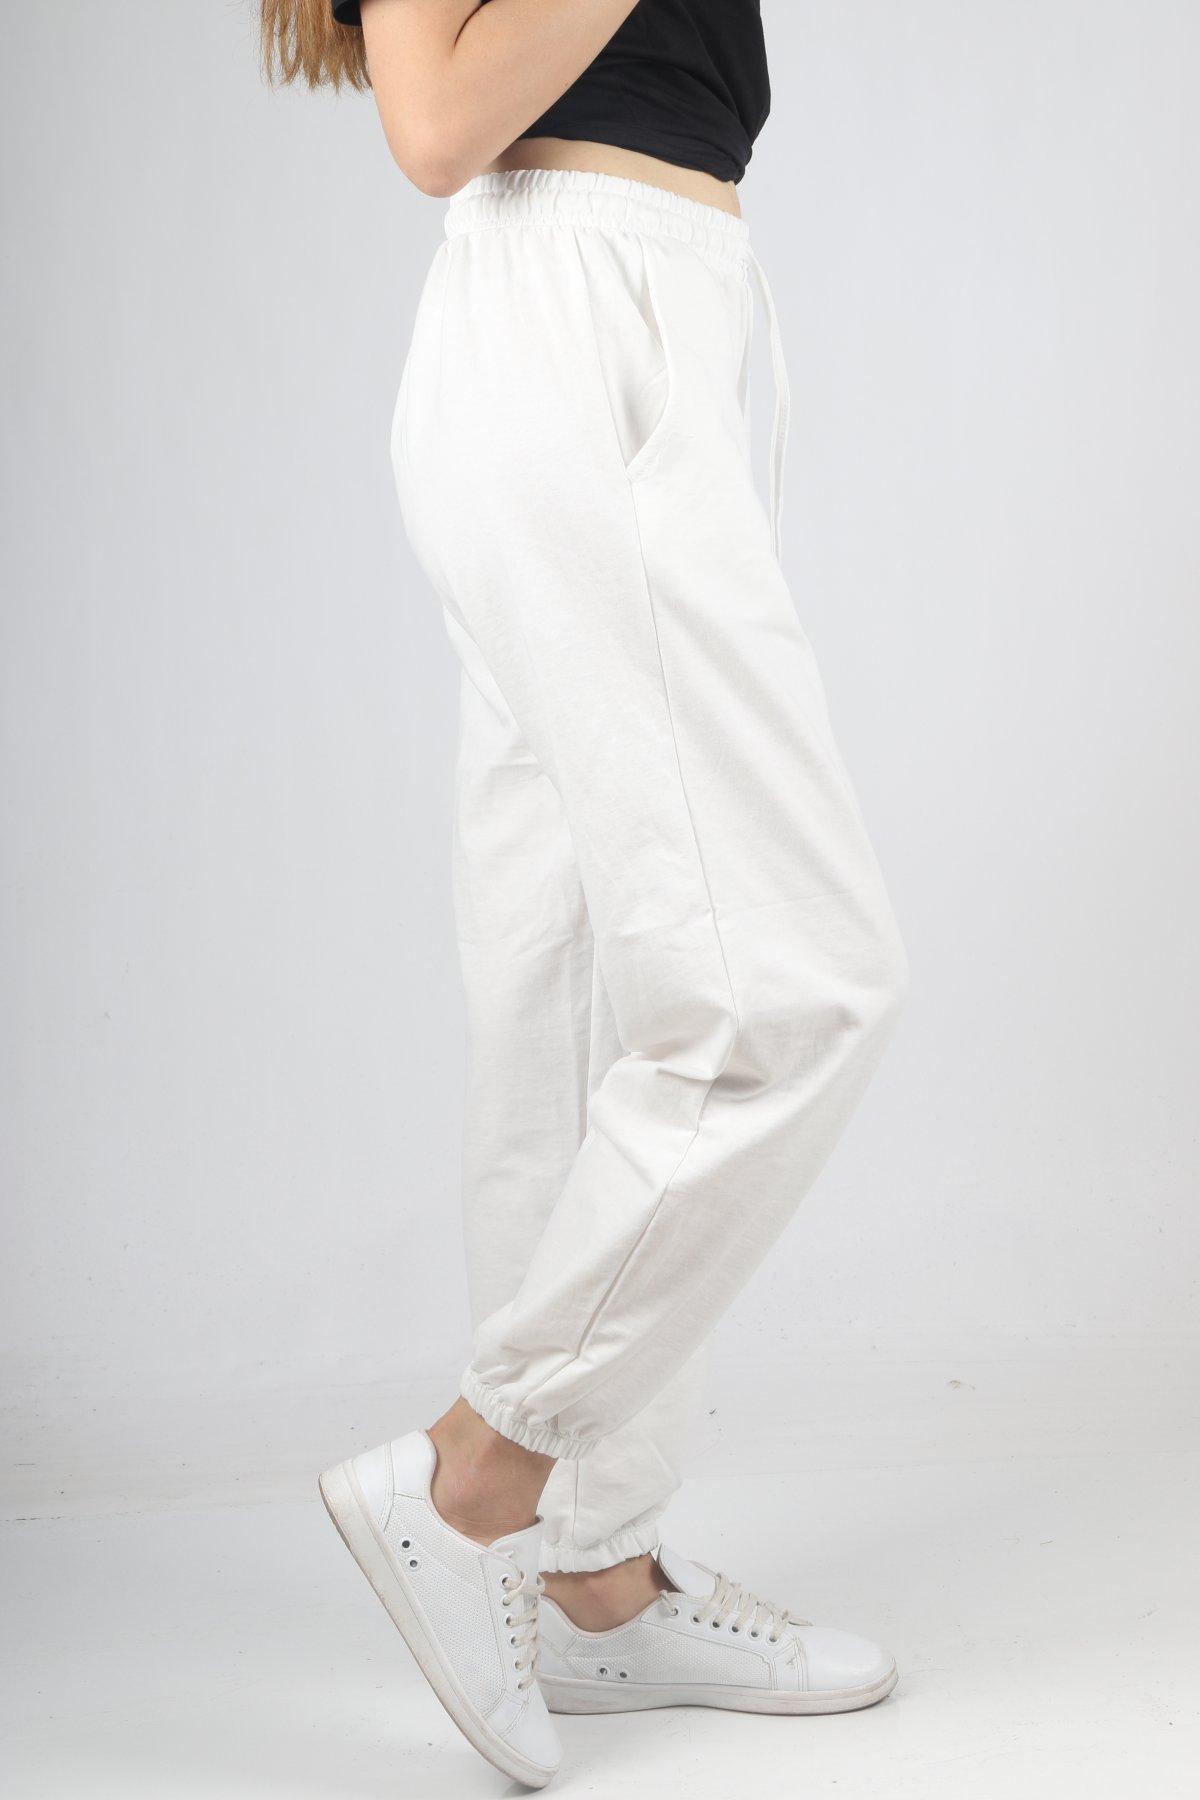 İp Bağcık Paça Lastik Pantolon